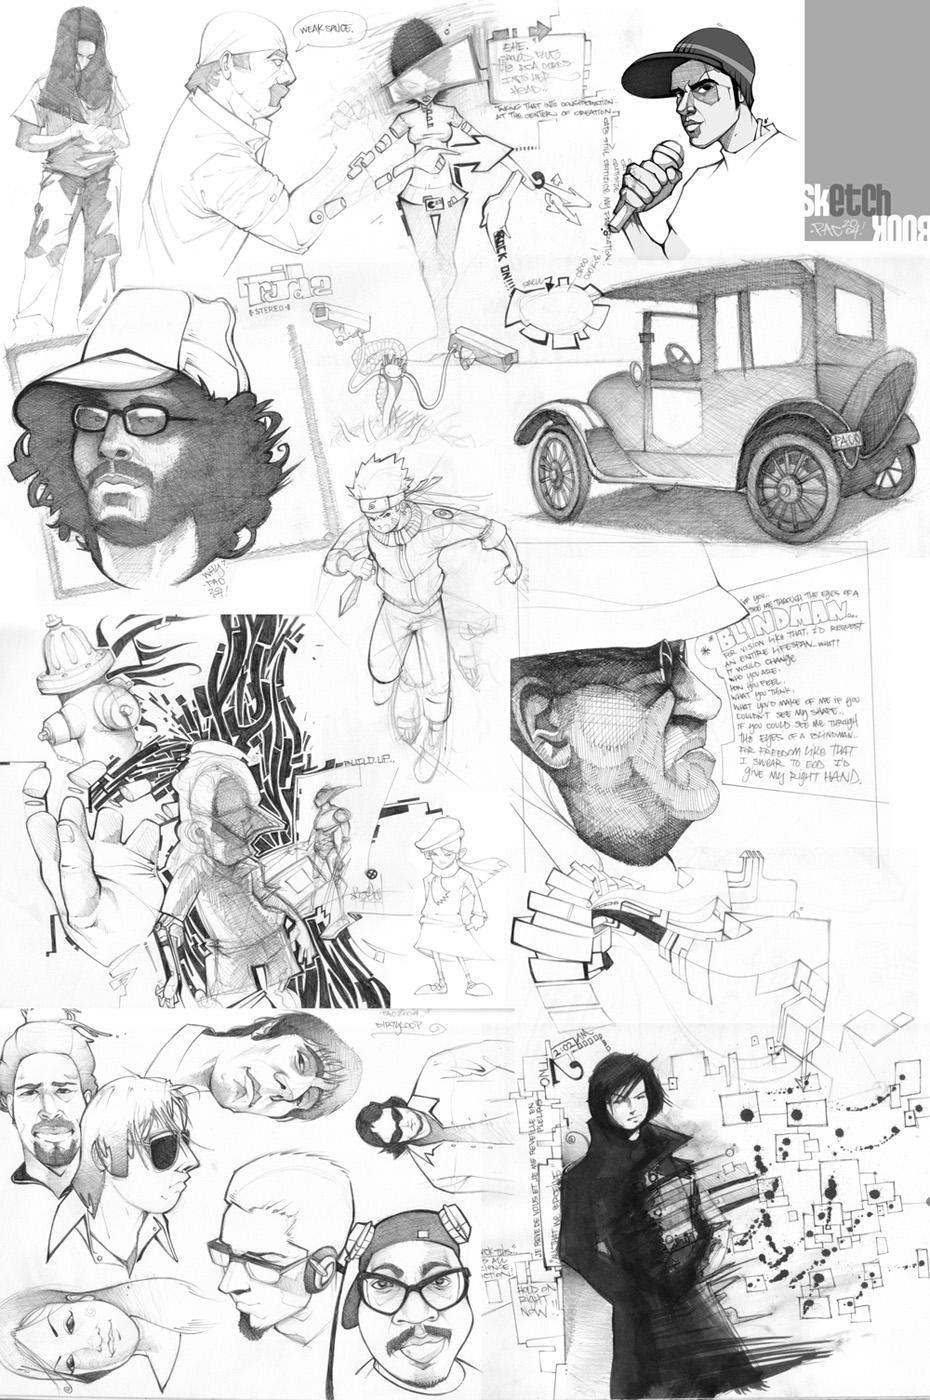 oO sketchBOOK Oo by `pacman23